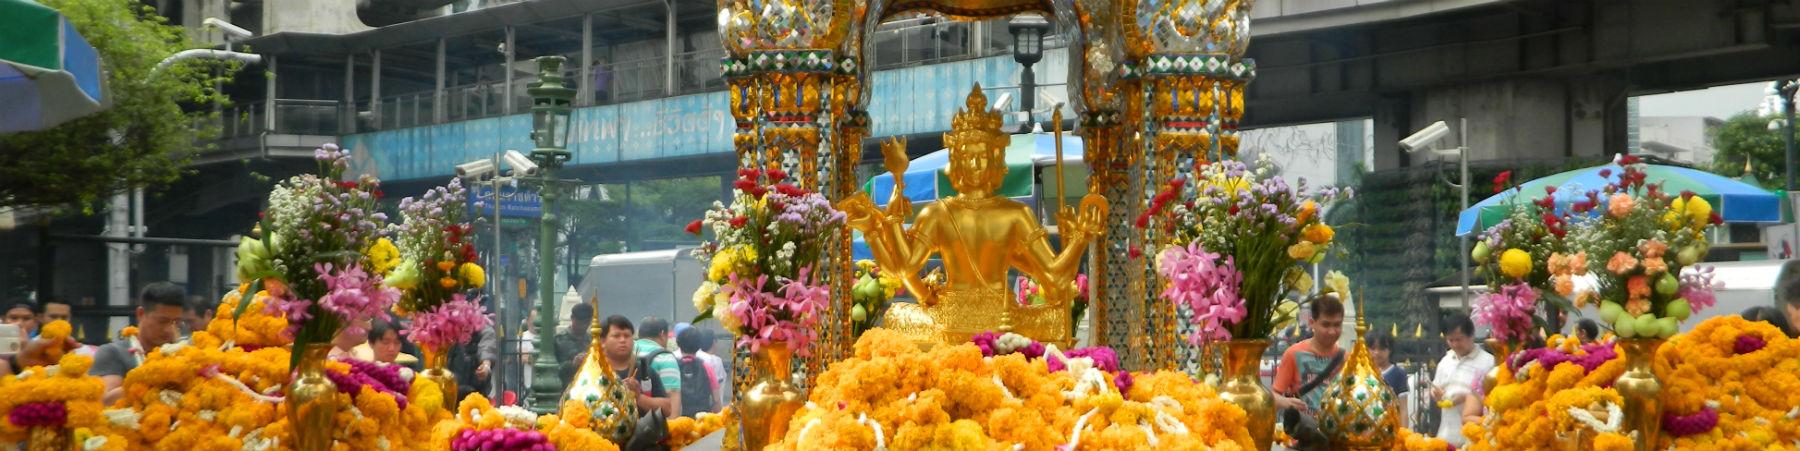 Erawan Shrine, Pathum Wan, Bangkok